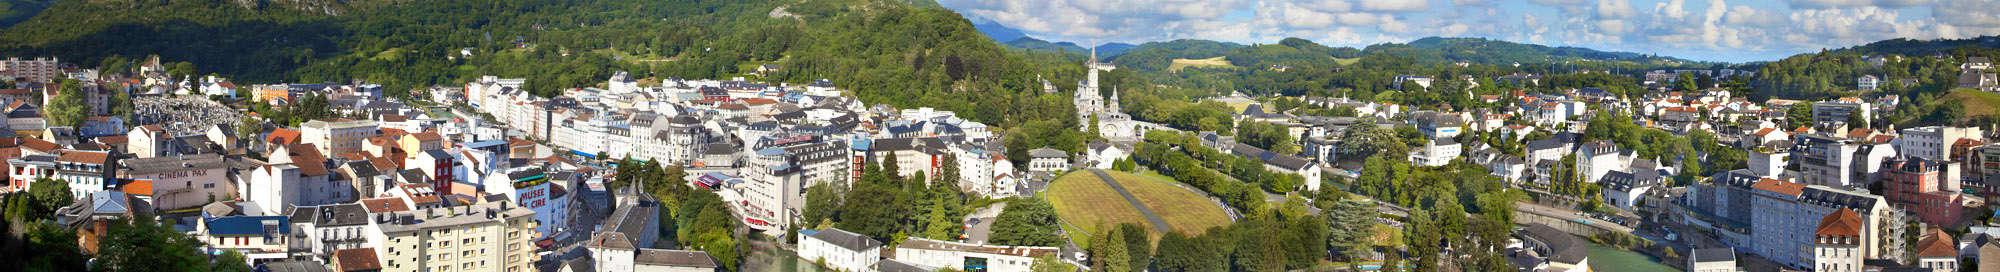 Week-end moins de 100€ ! Lourdes